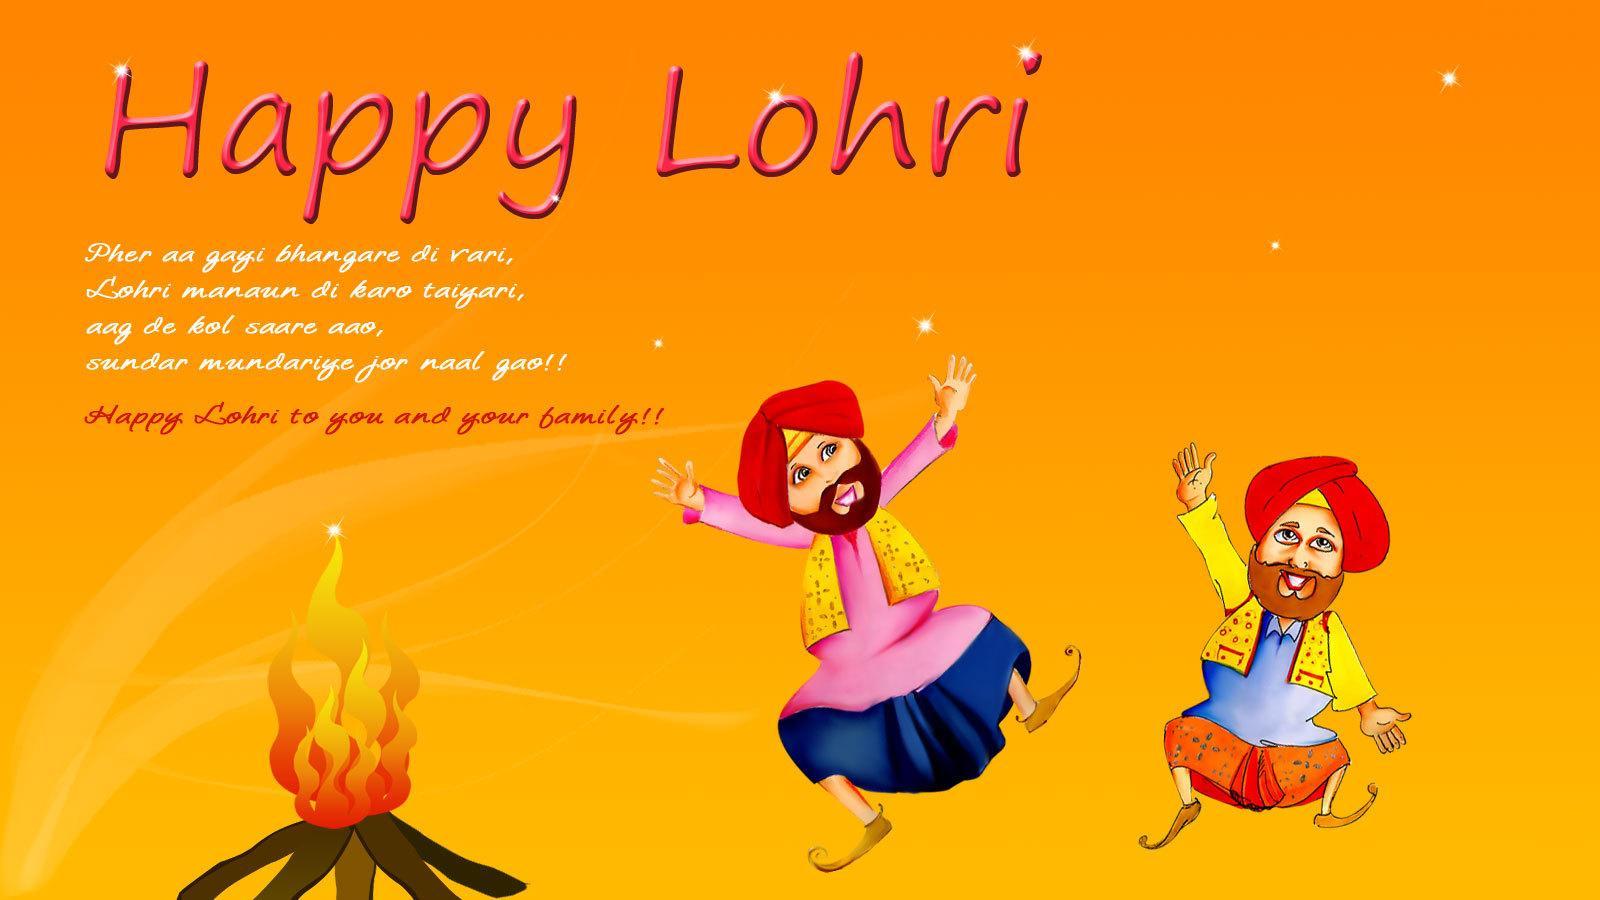 Happy Lohri 2018 Whatsapp Status, Short Status, 2 Line Status